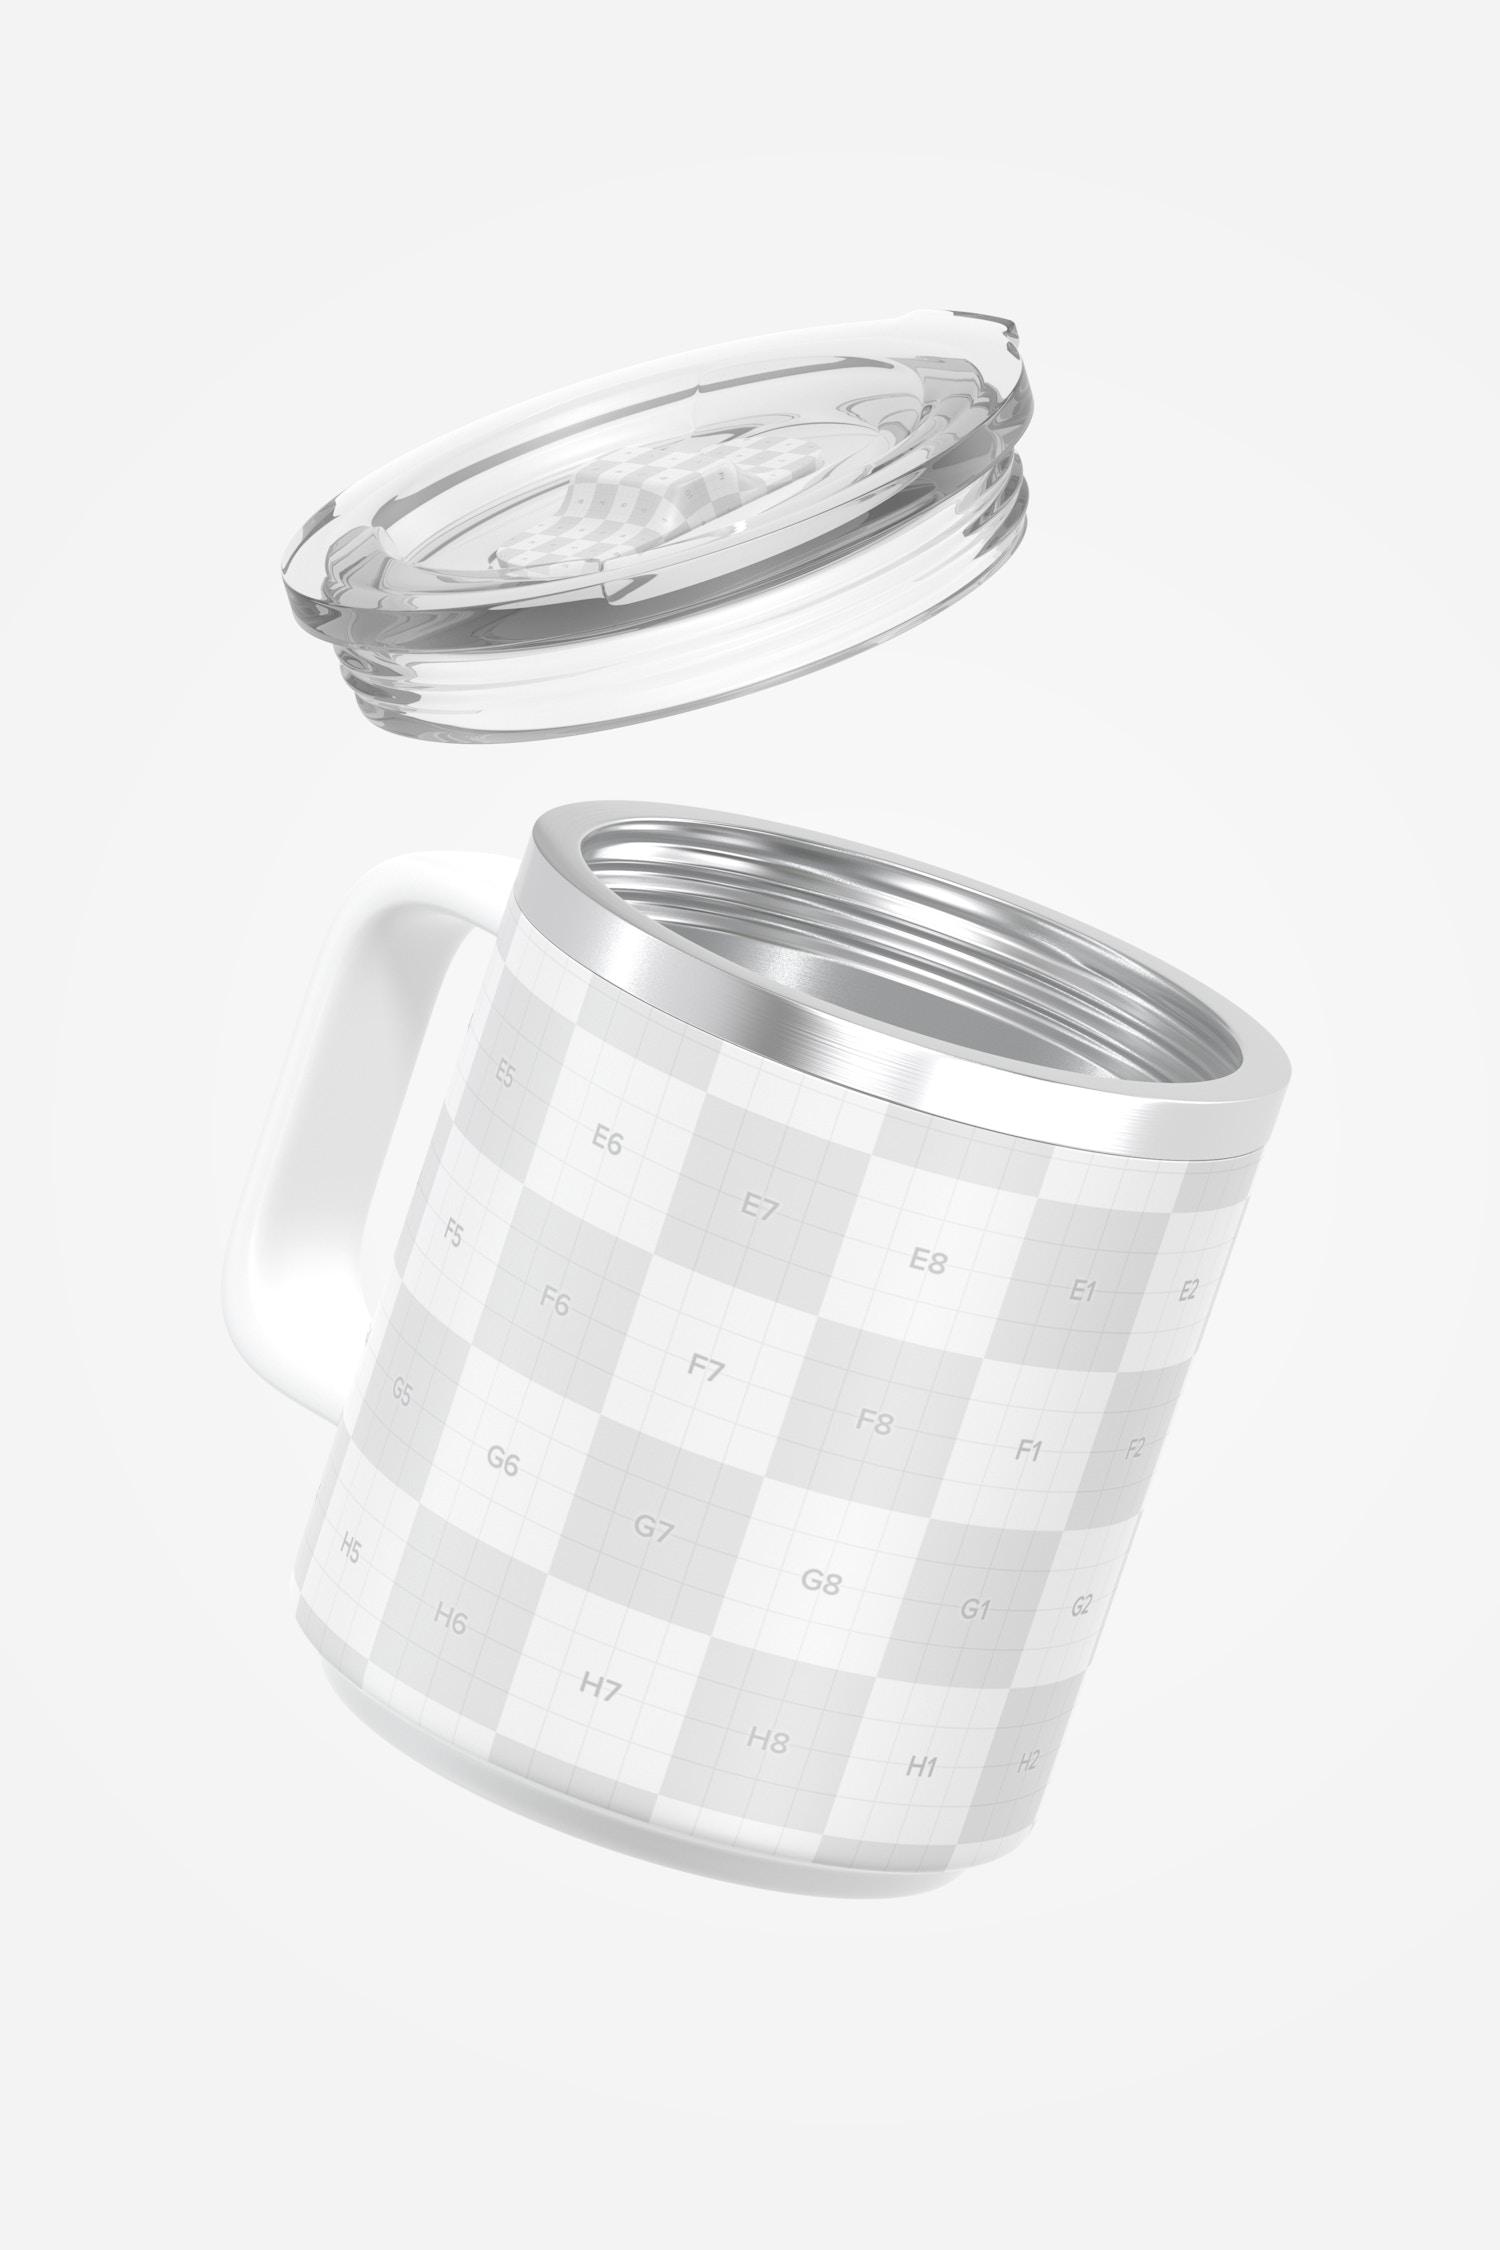 10 oz Stackable Mug Mockup, Floating